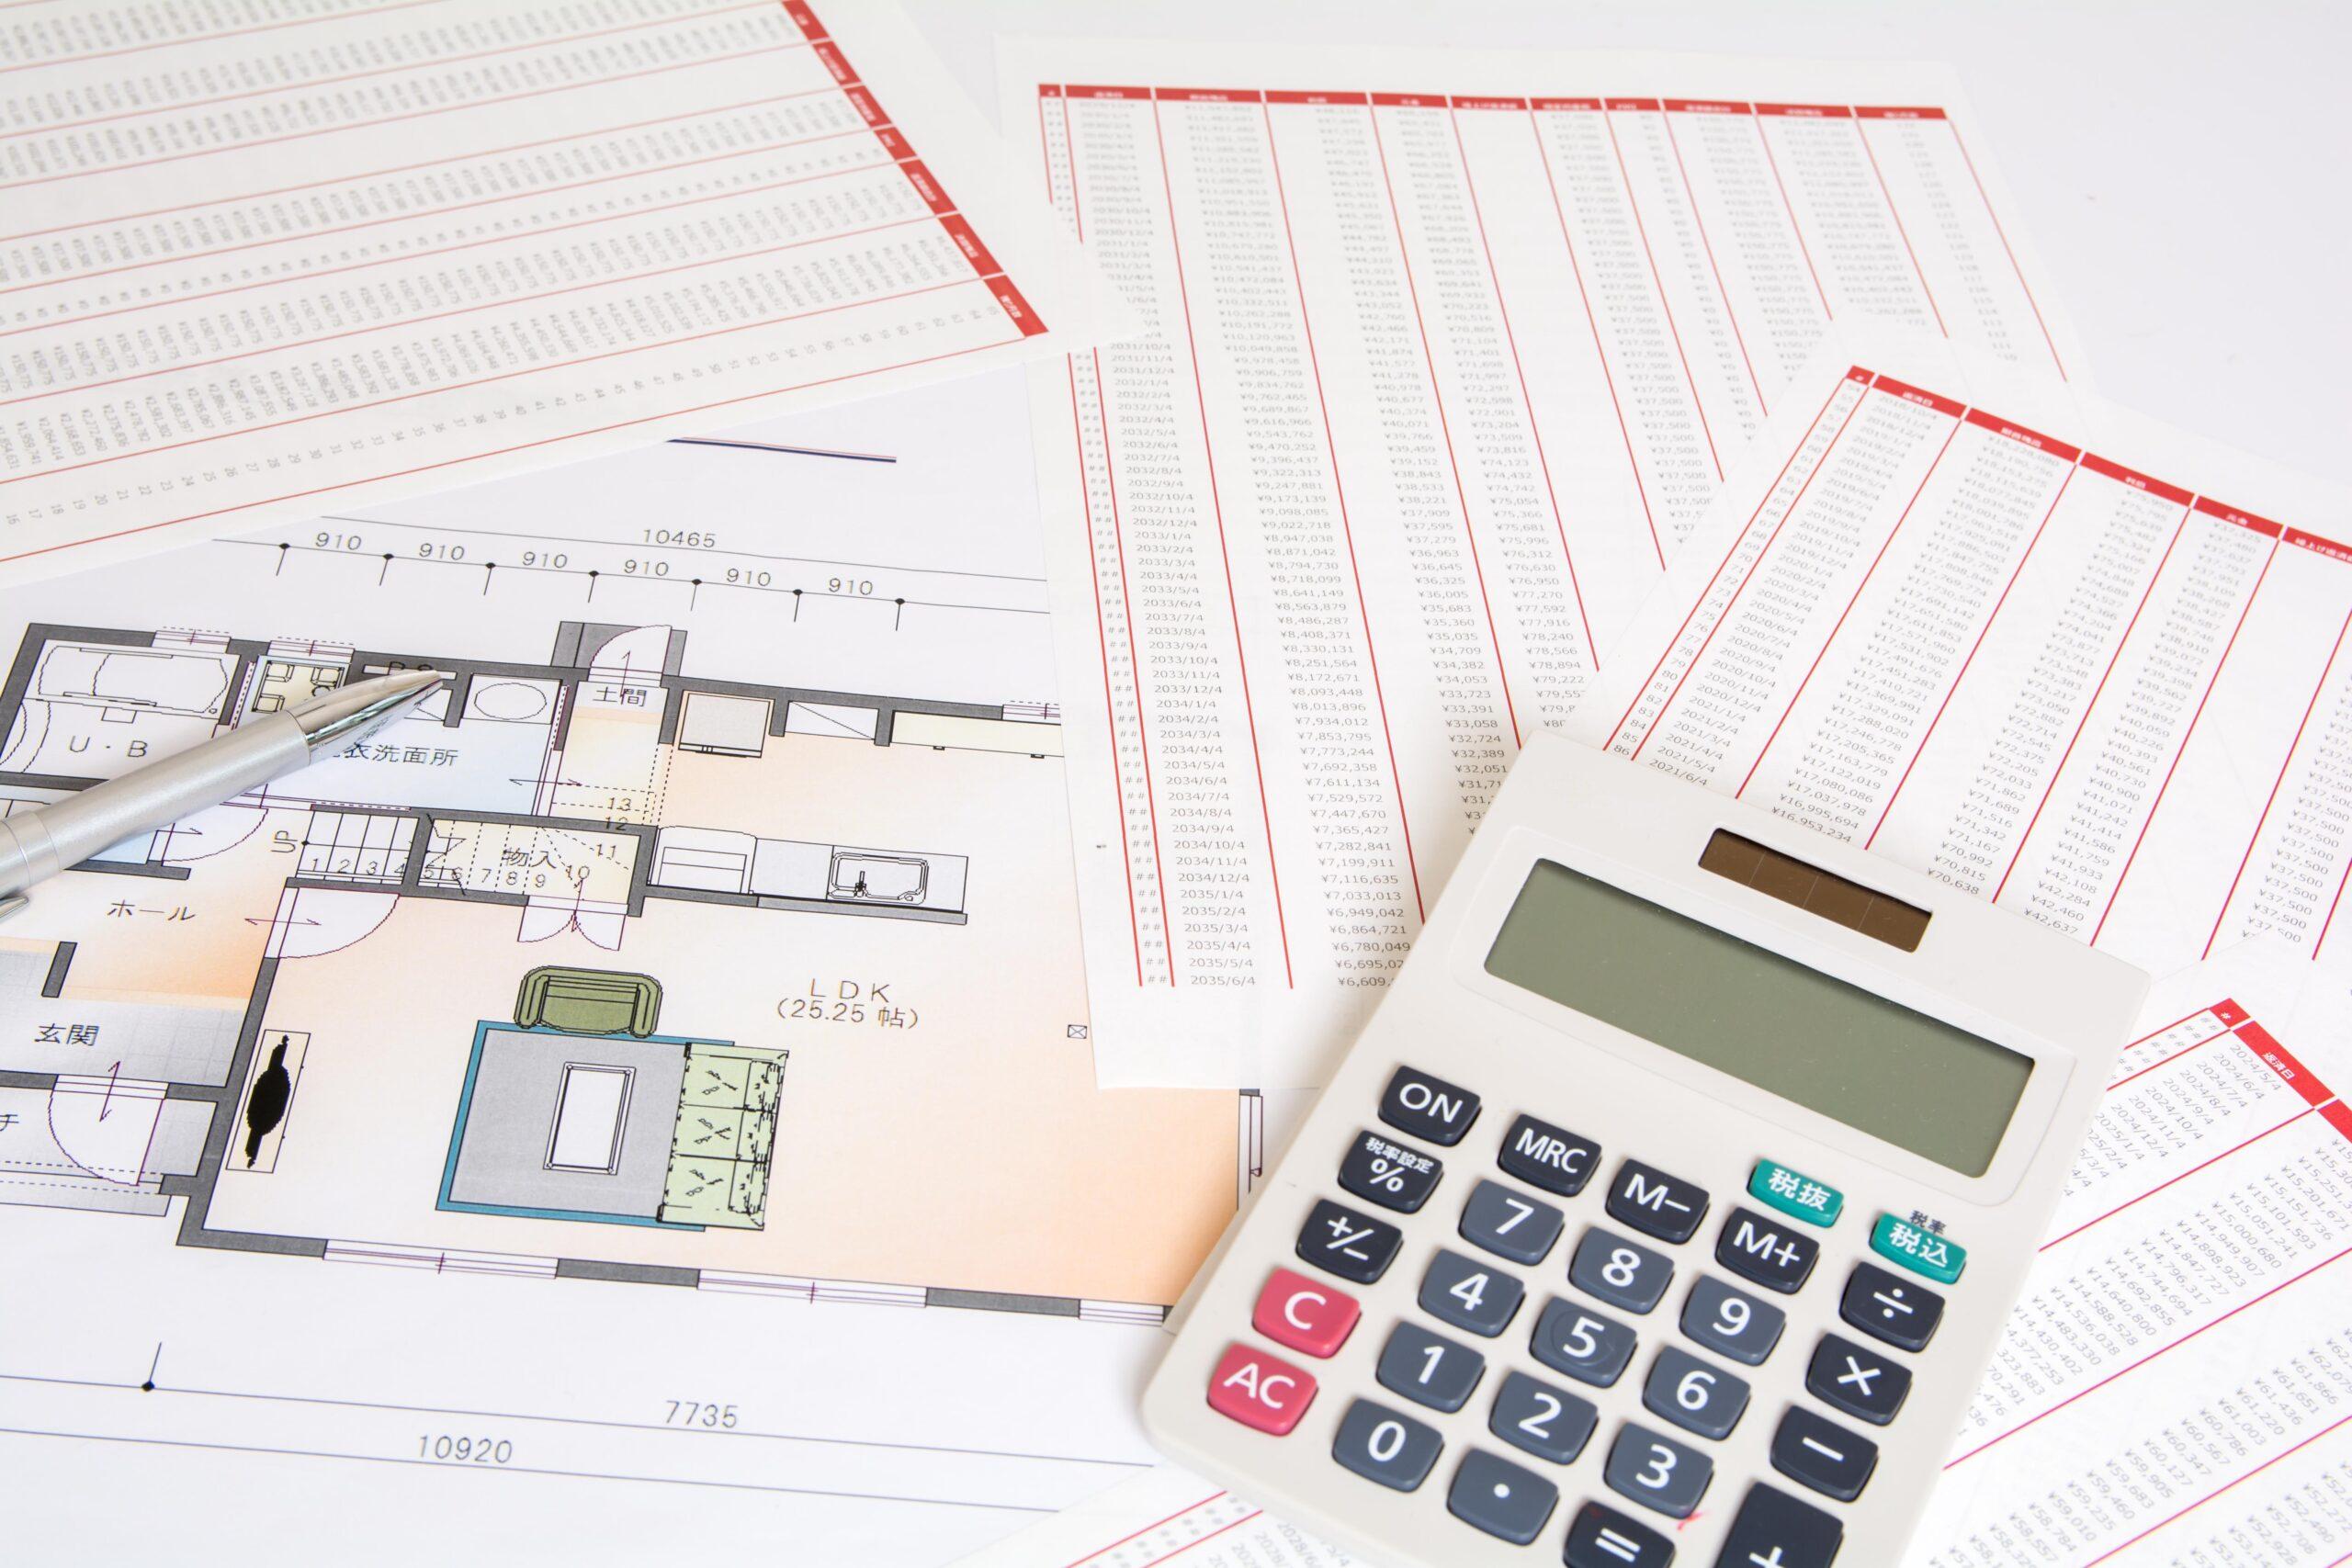 コロナ禍で家賃が激減……。固定資産税を抑える2つの救済策とは